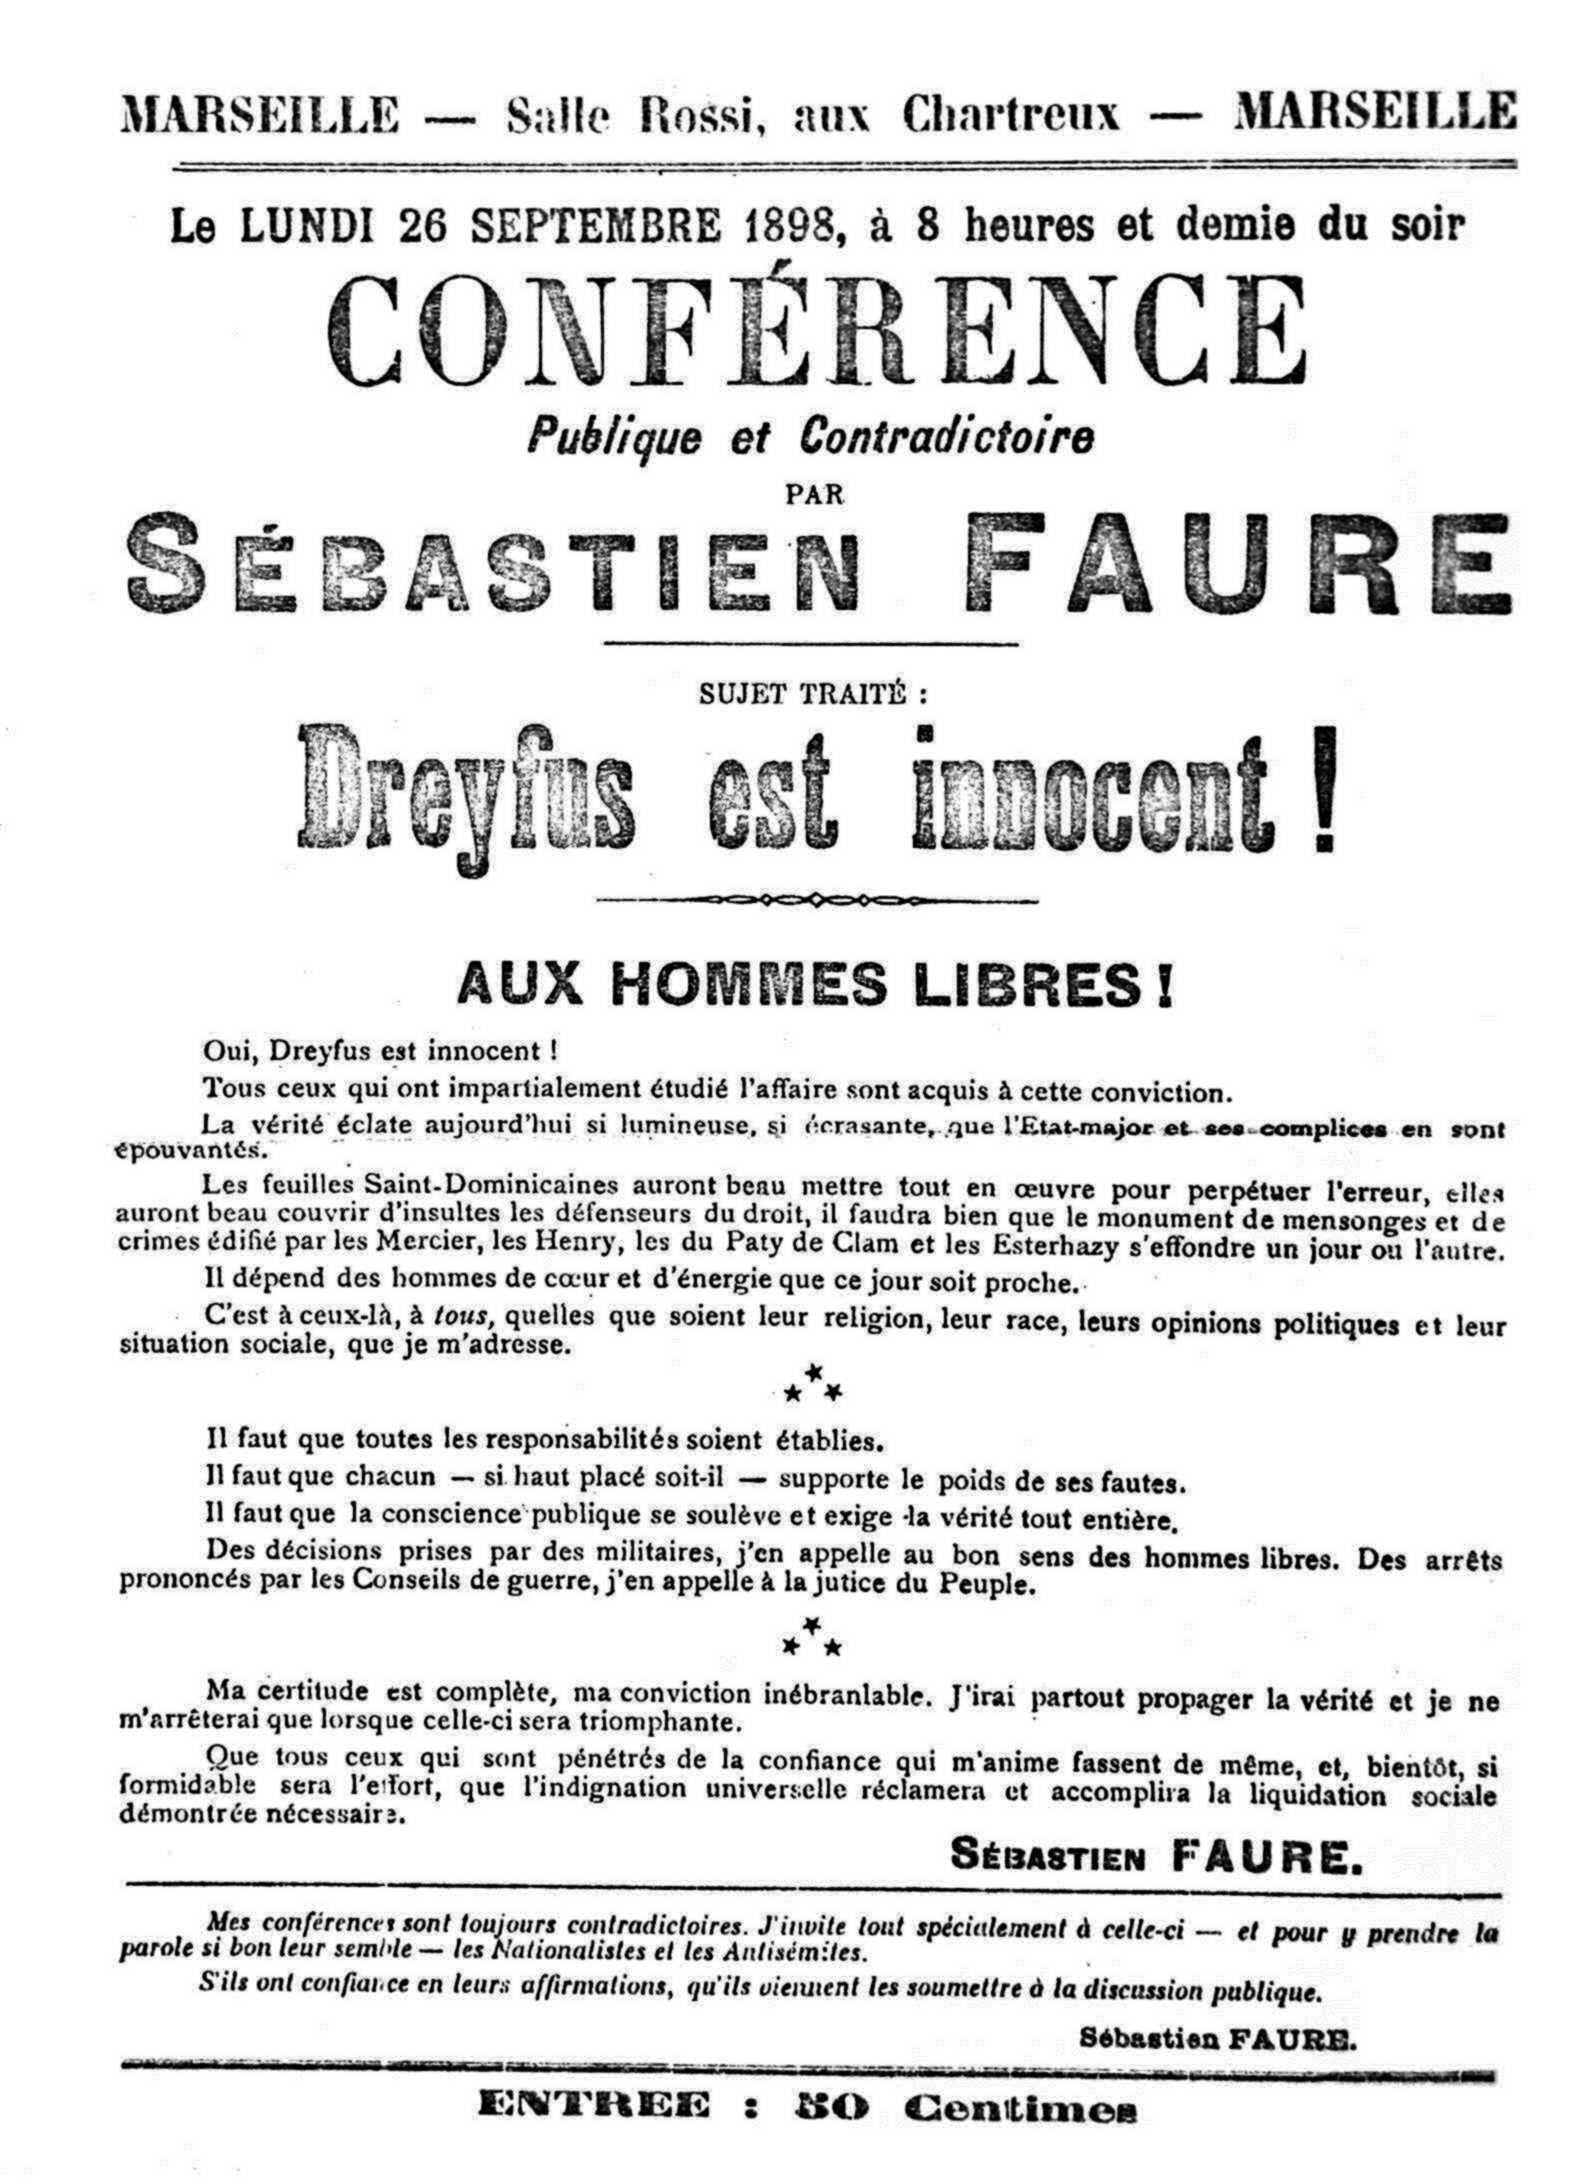 Cartell de la conferència de Sébastien Faure